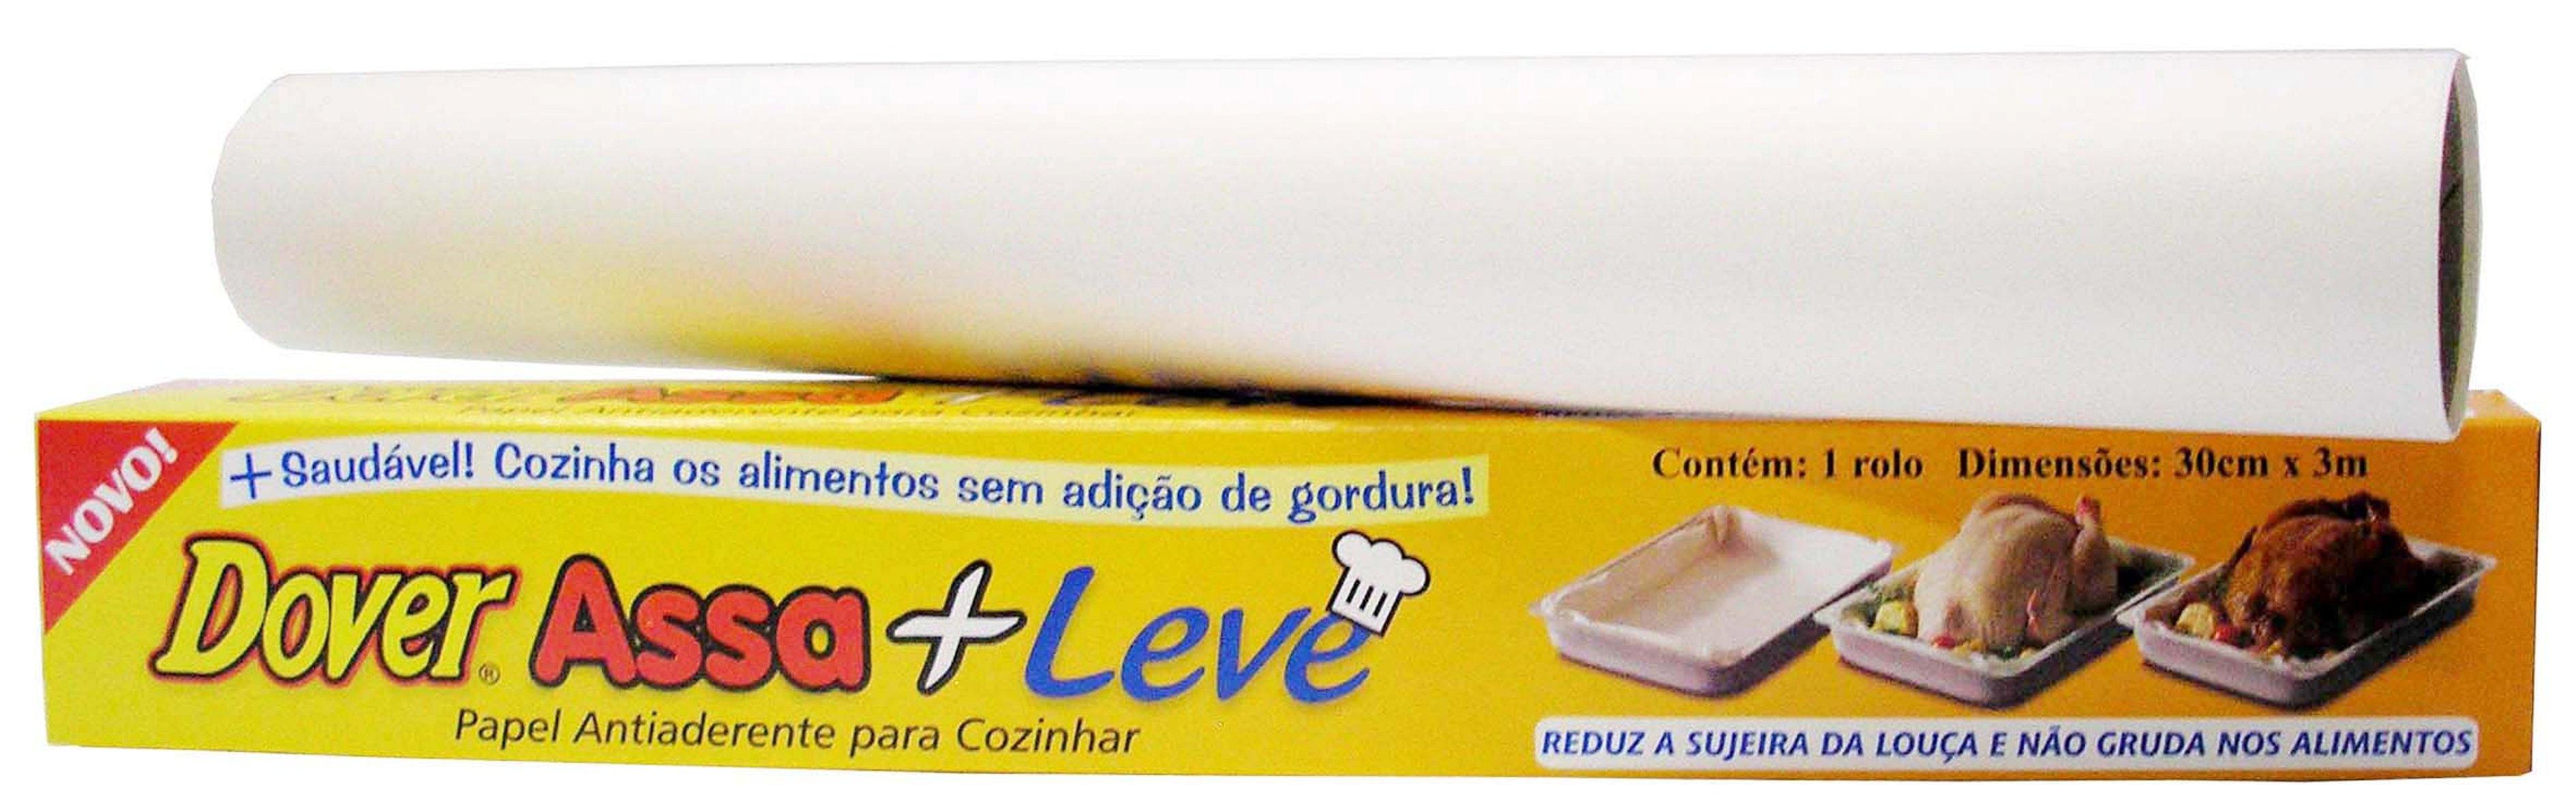 Papel Antiaderente Dover Assa+Leve para Cozinhar 30cm x 3m